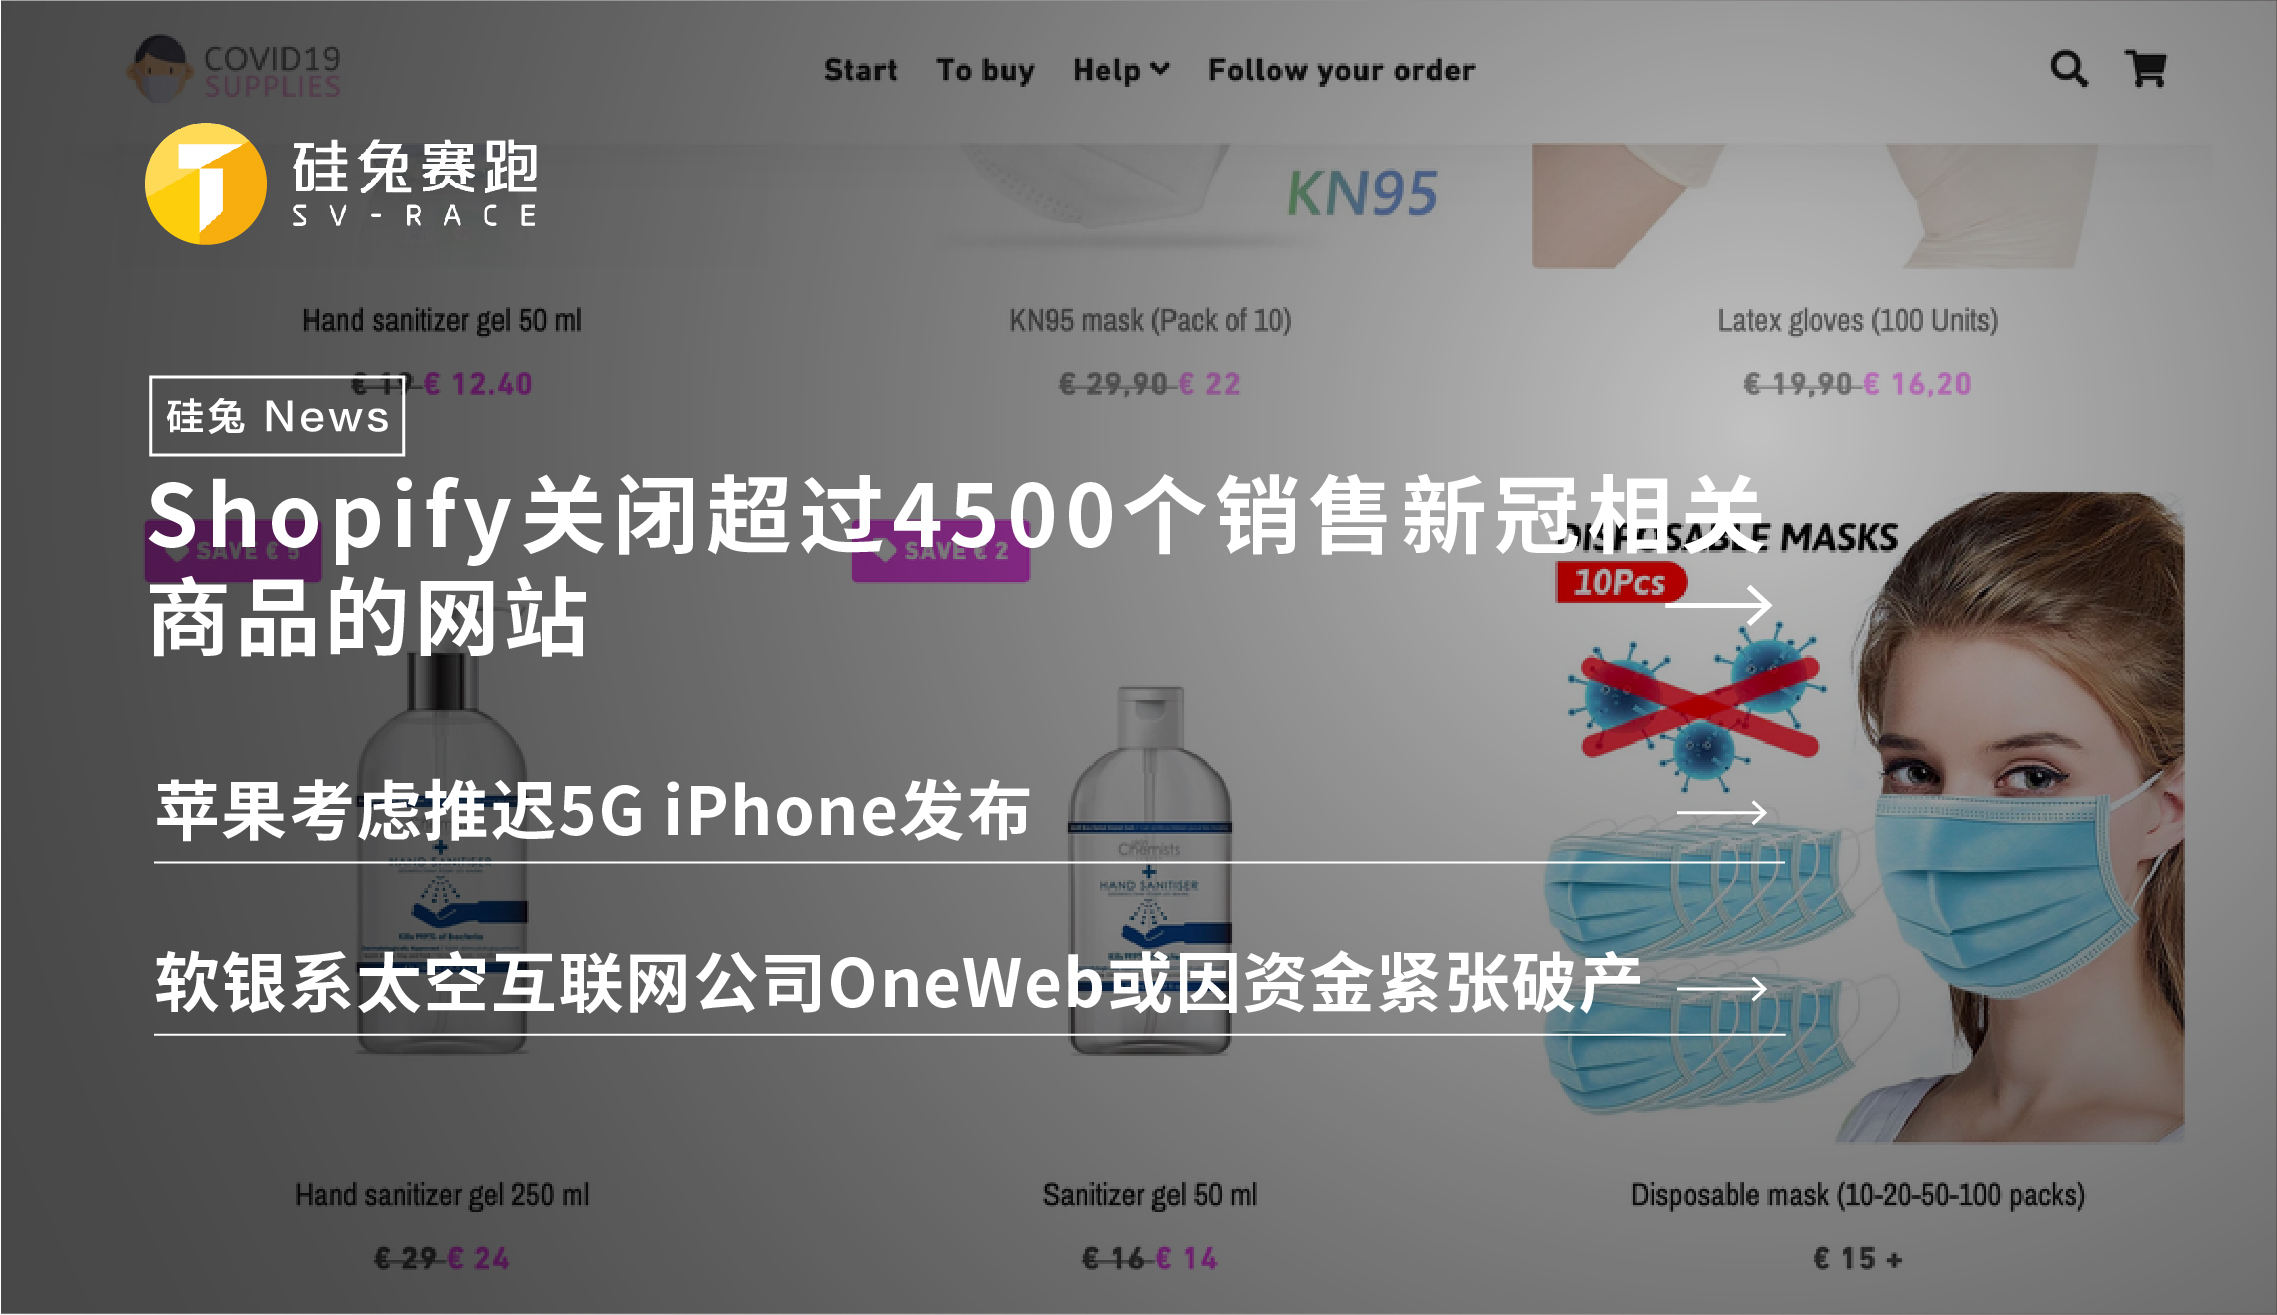 疫情期间谨防电商诈骗:Shopify关闭4500个销售新冠相关商品的网站